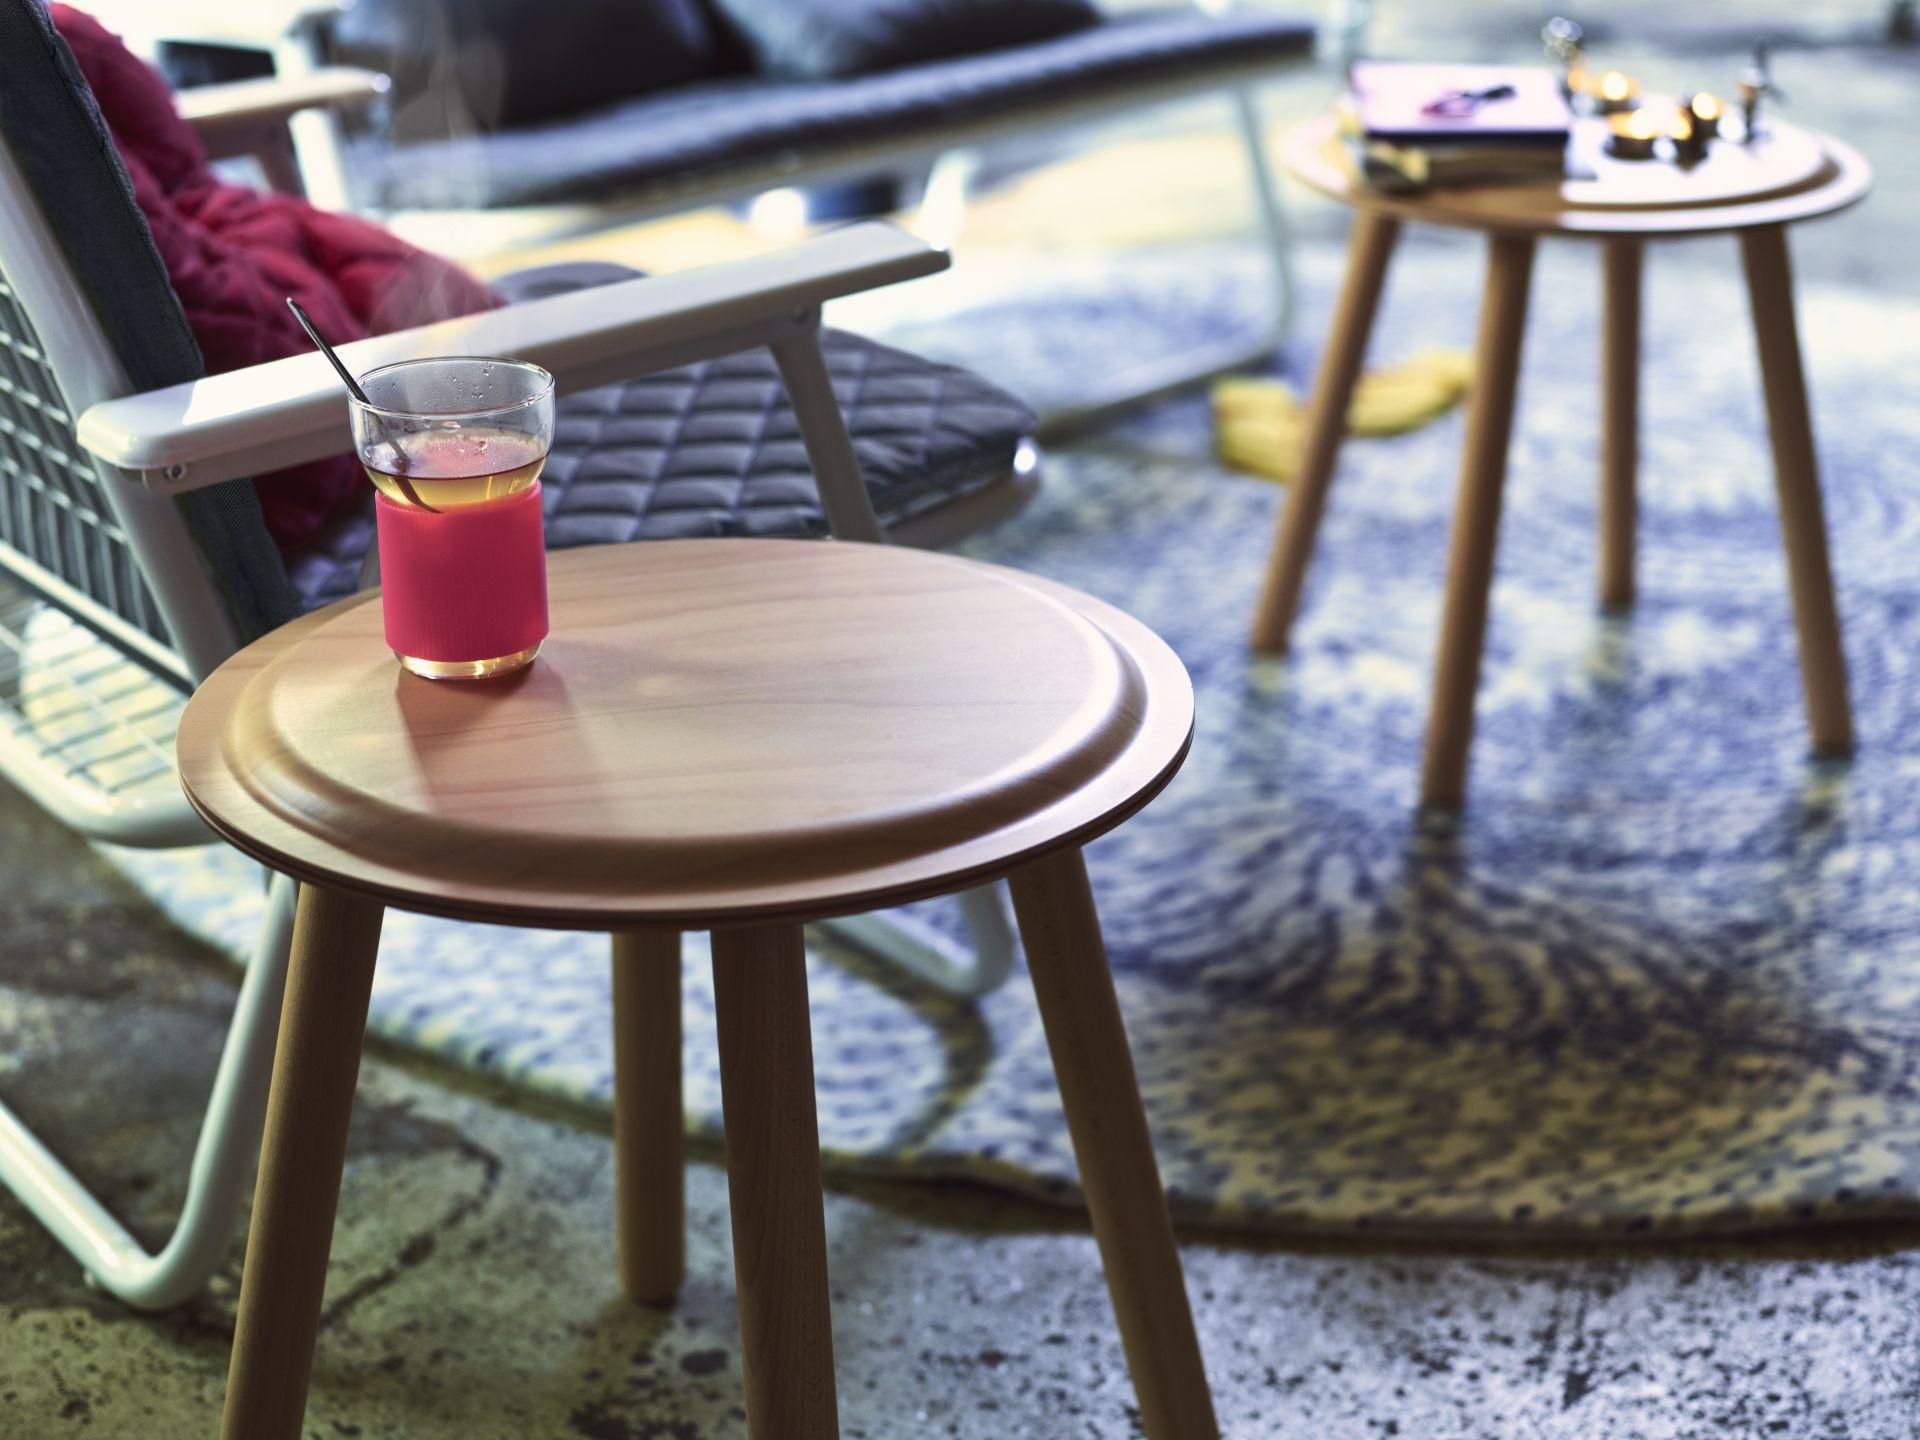 Uma mesa que é um banco ou um banco que é uma mesa?